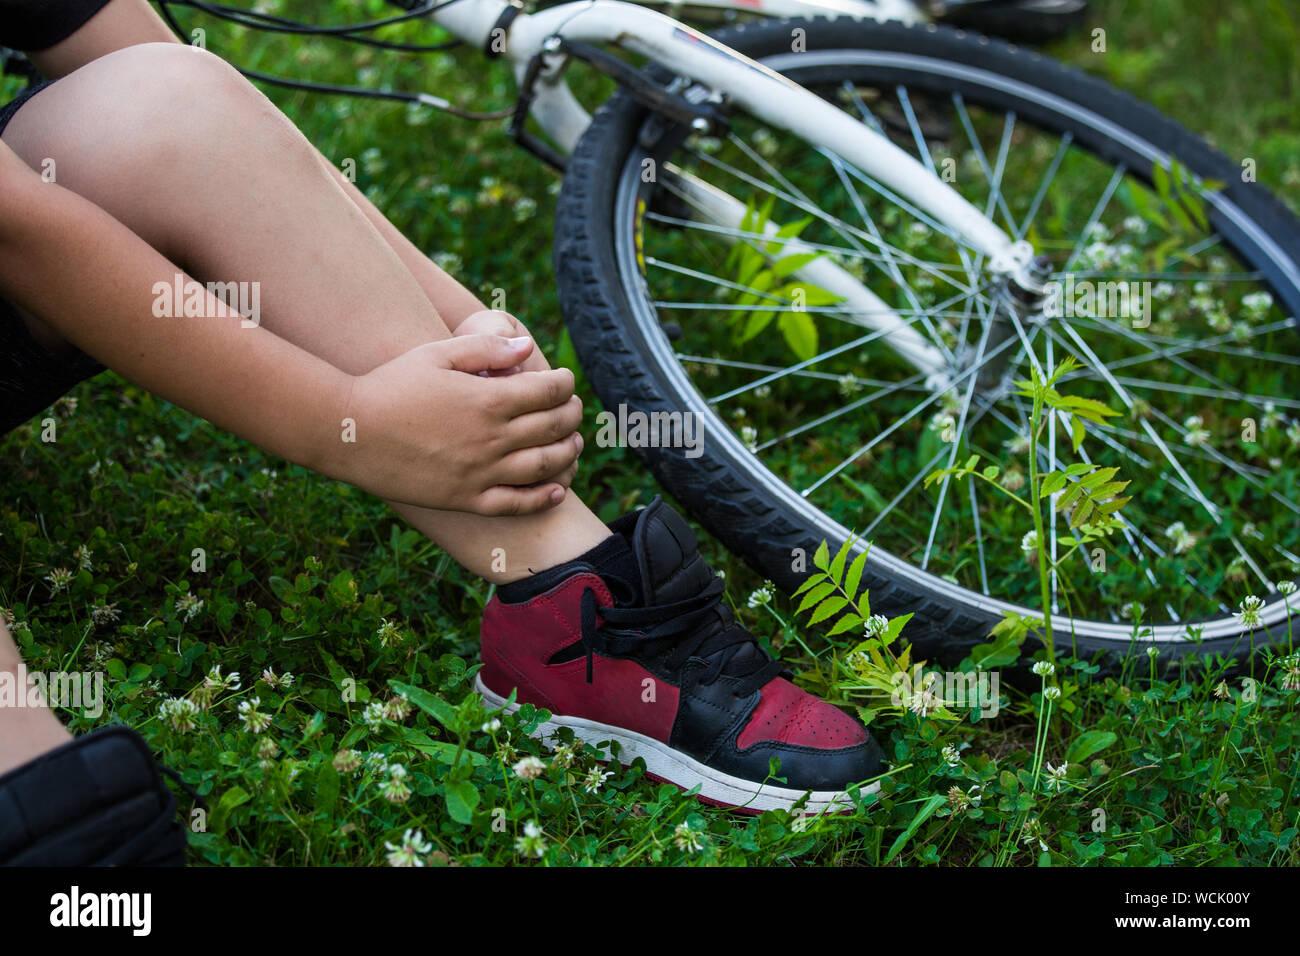 Nouvelles Arrivées code promo commander en ligne Accident de vélo Concept, jeune garçon avec douleur dans le ...